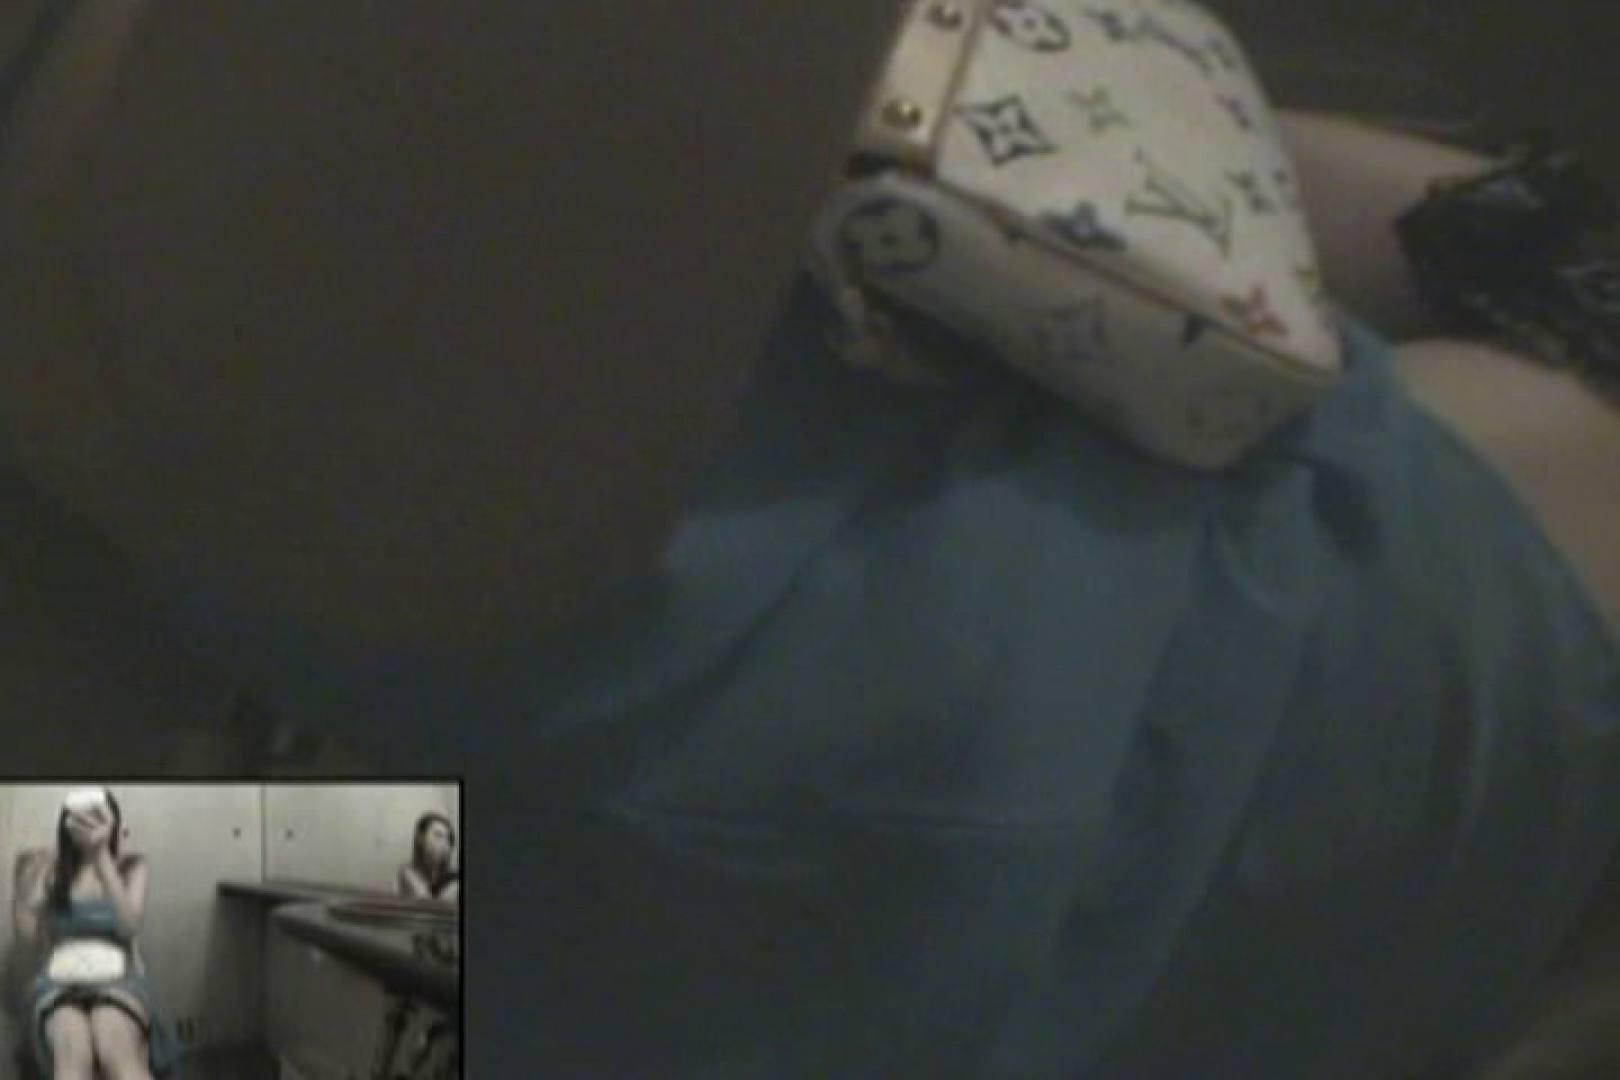 キャバ嬢は仕事の合間でもオナニーします!!Vol.8 プライベート のぞき動画キャプチャ 104画像 4